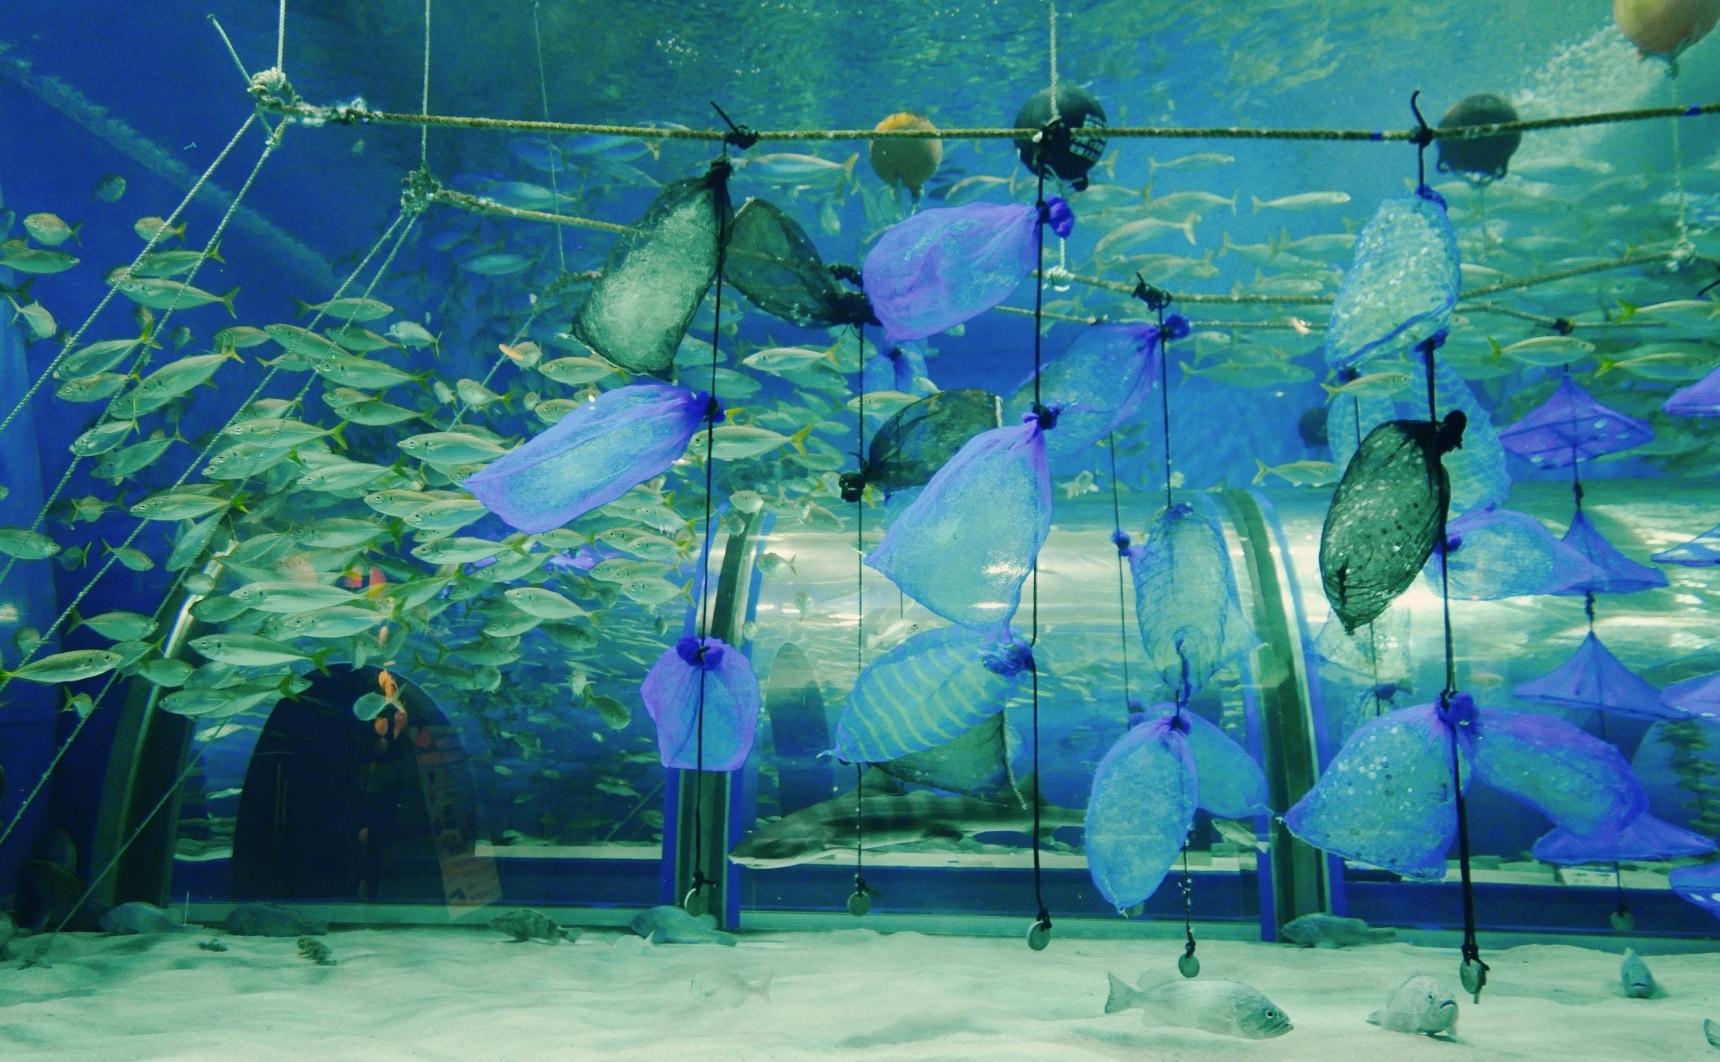 【日本青森】大手牽小手旅遊趣!窺探陸奧灣海洋文化孕育的「淺蟲溫泉鄉」